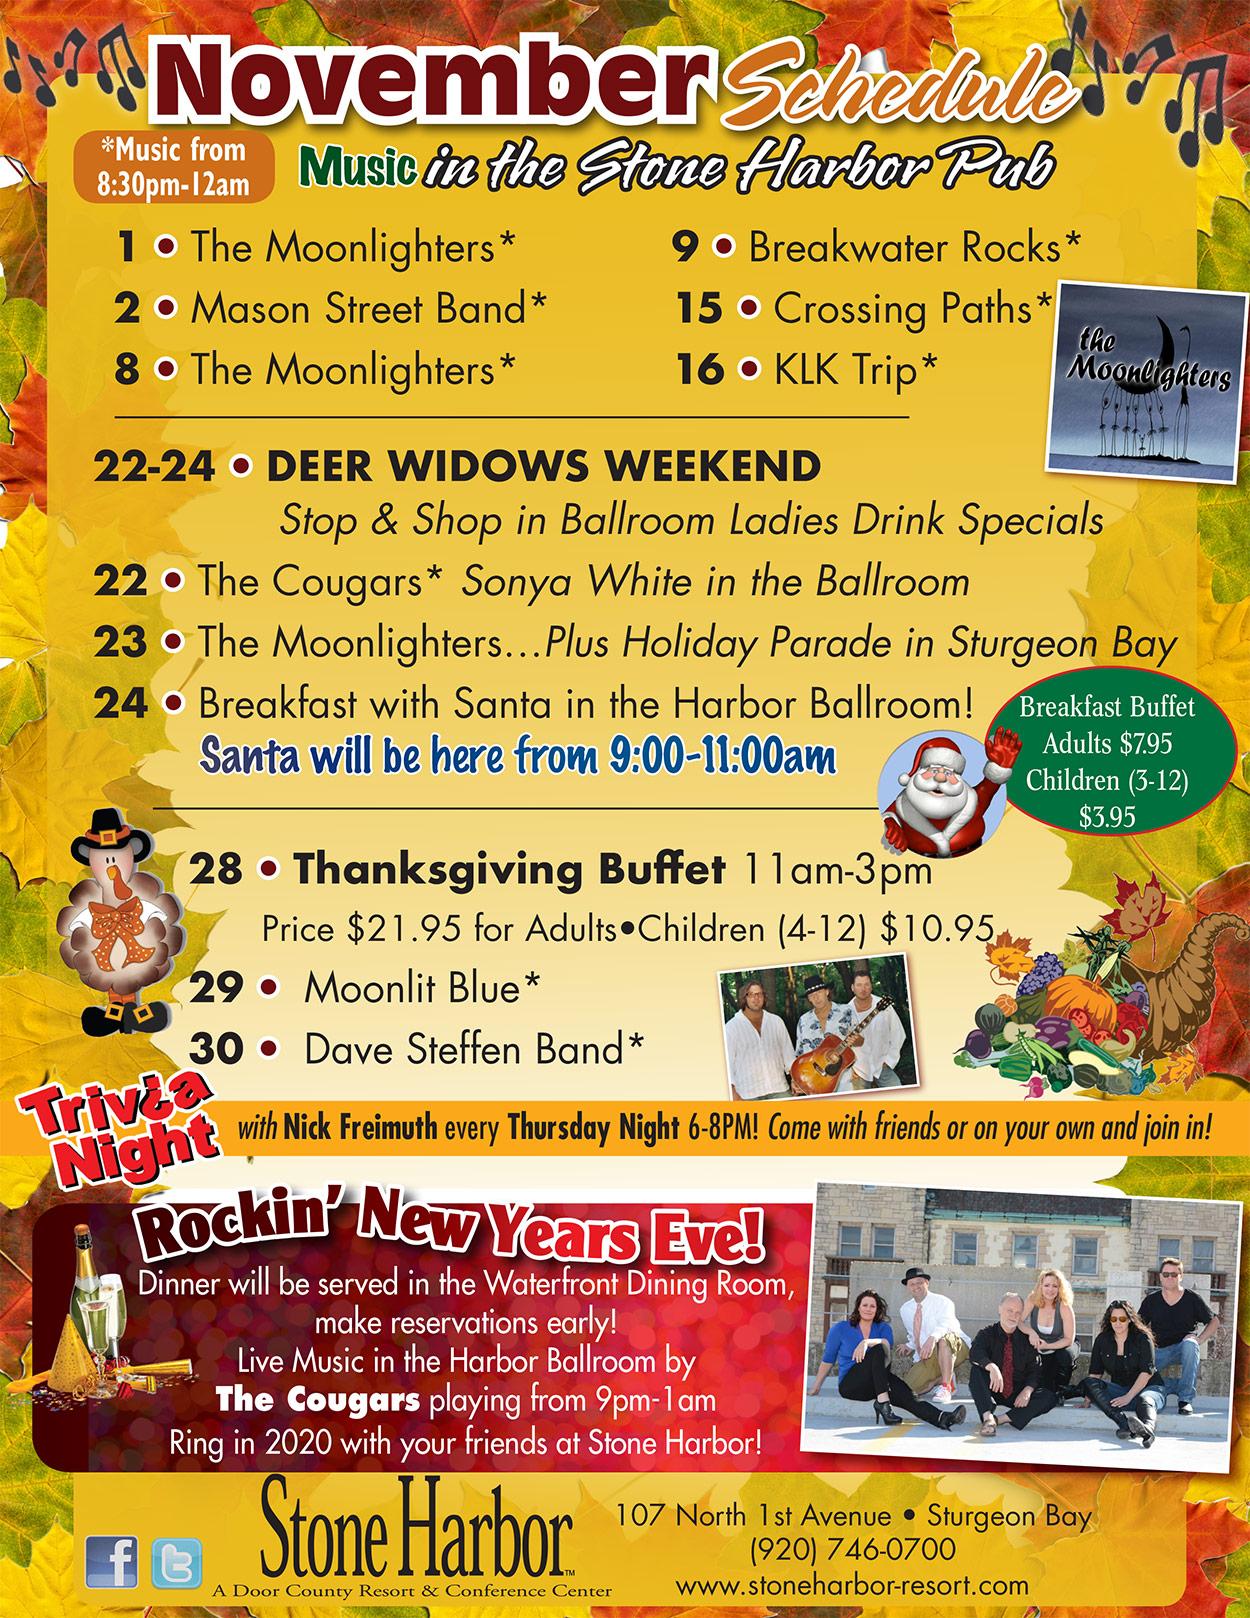 things to do in door county,loding door county,door county resorts,door county events,stone harbor resort event schedule